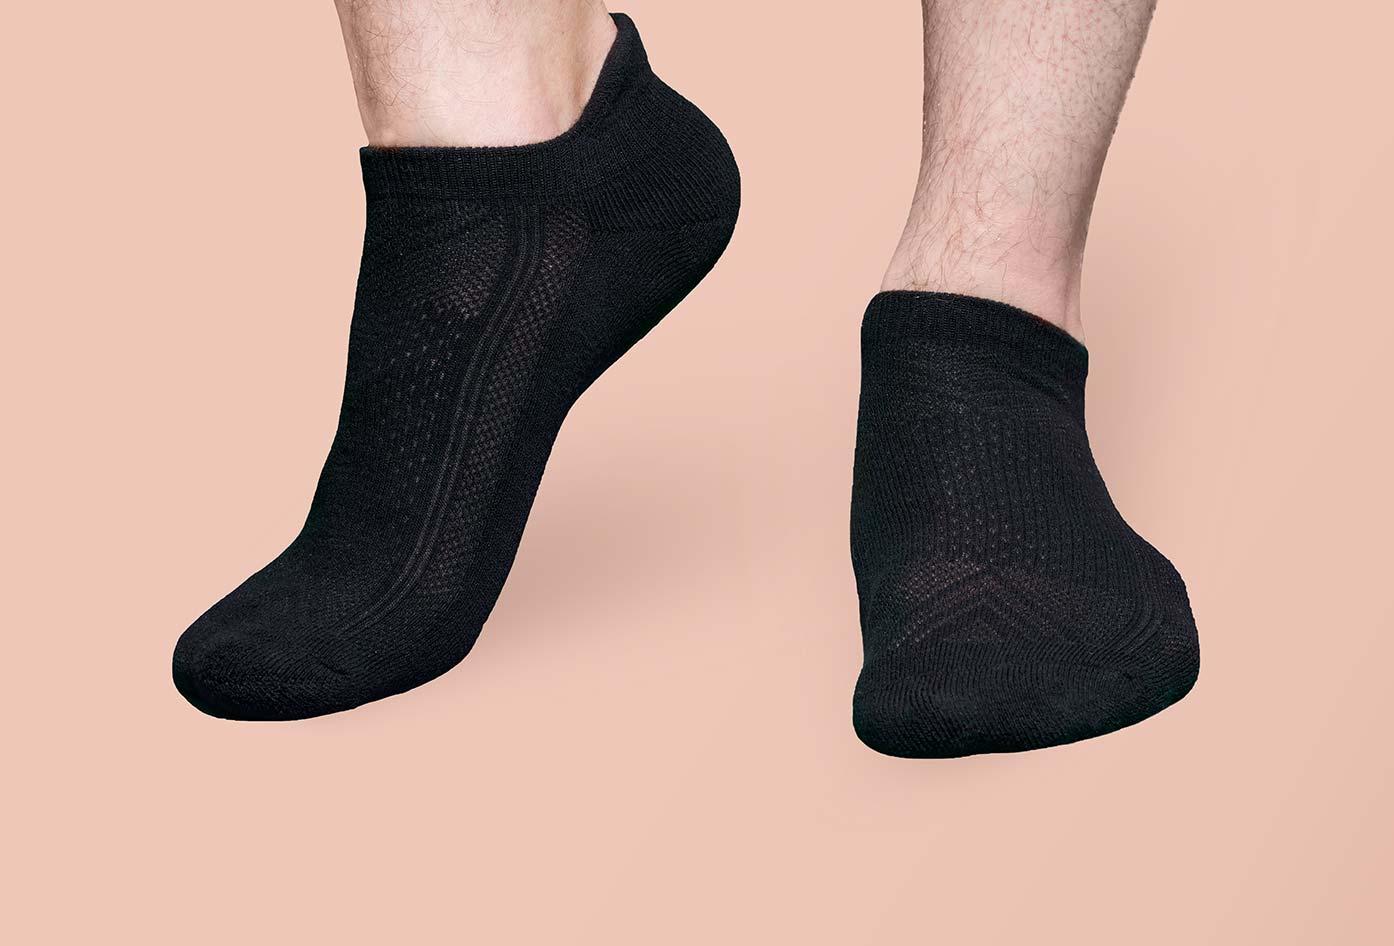 best no show socks for men